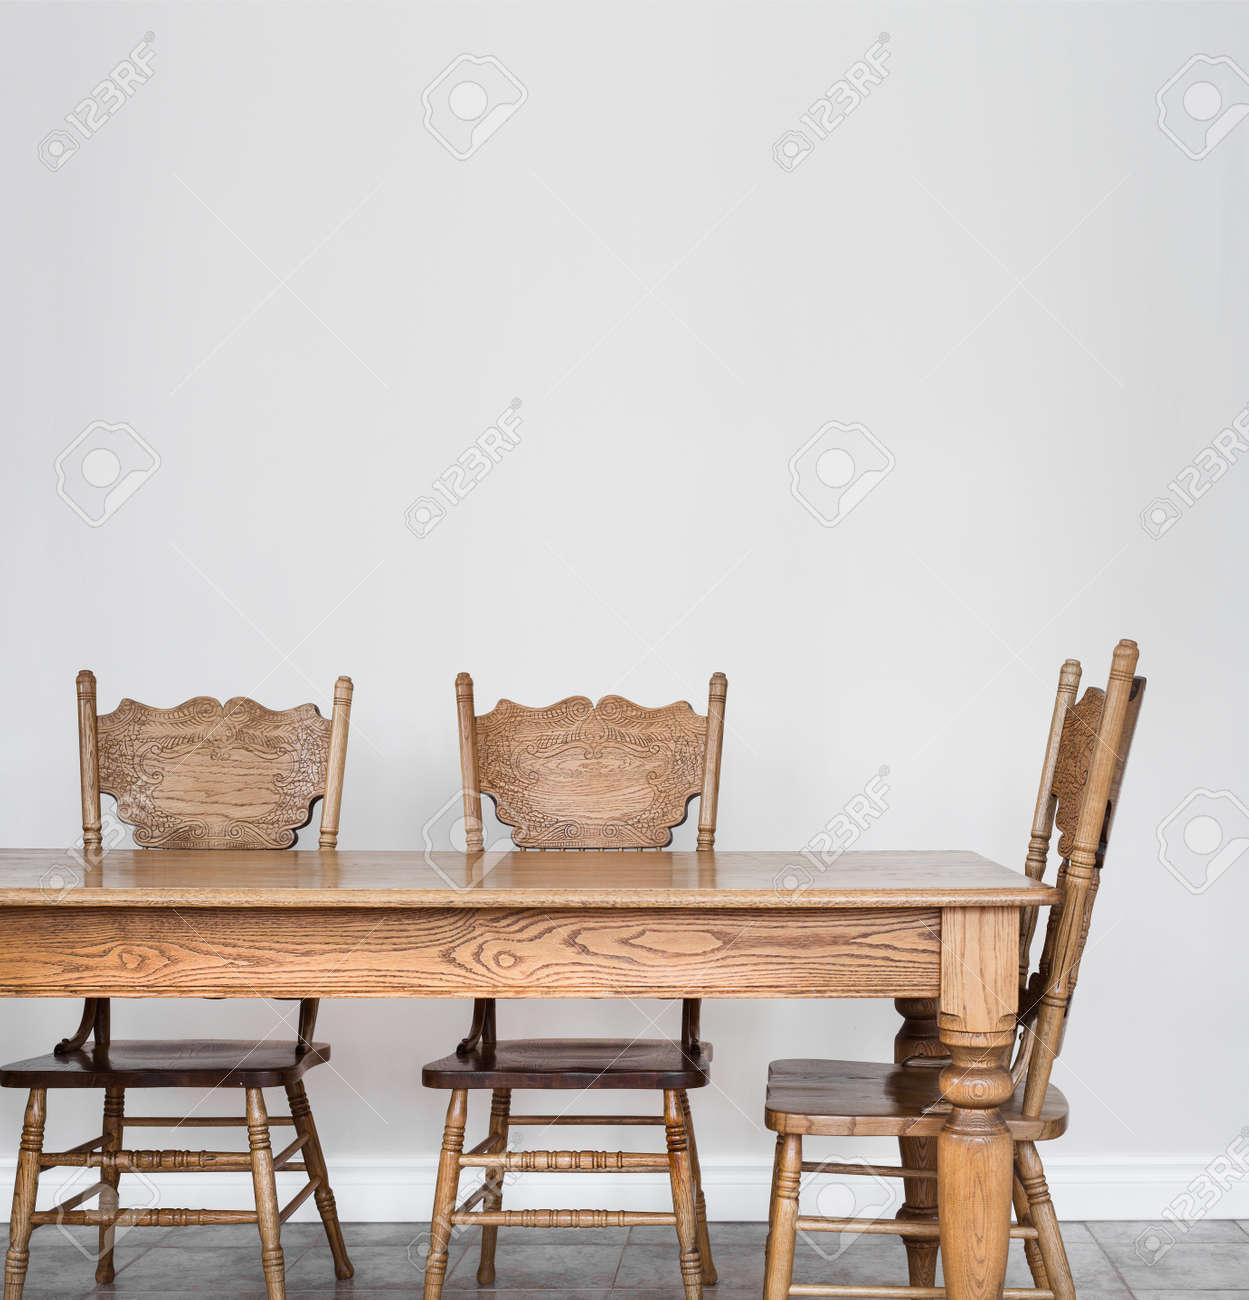 Salón-comedor De Mesas Y Sillas De Madera Y Detalles De Pared En ...